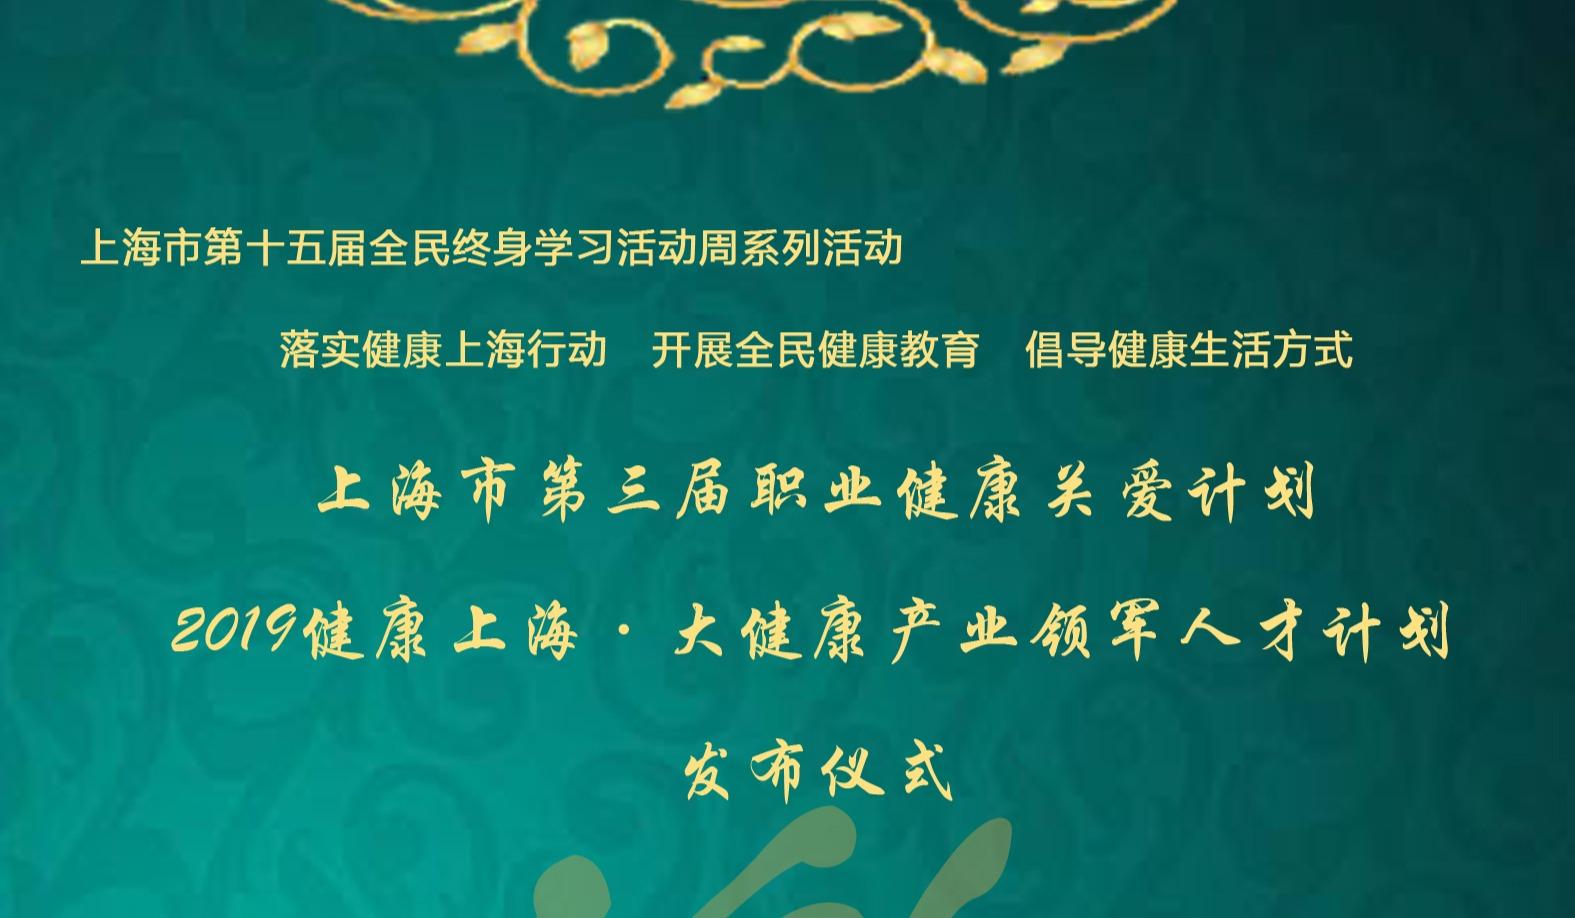 上海市第三届职业健康关爱计划 暨2019健康上海•大健康产业领军人才计划发布仪式